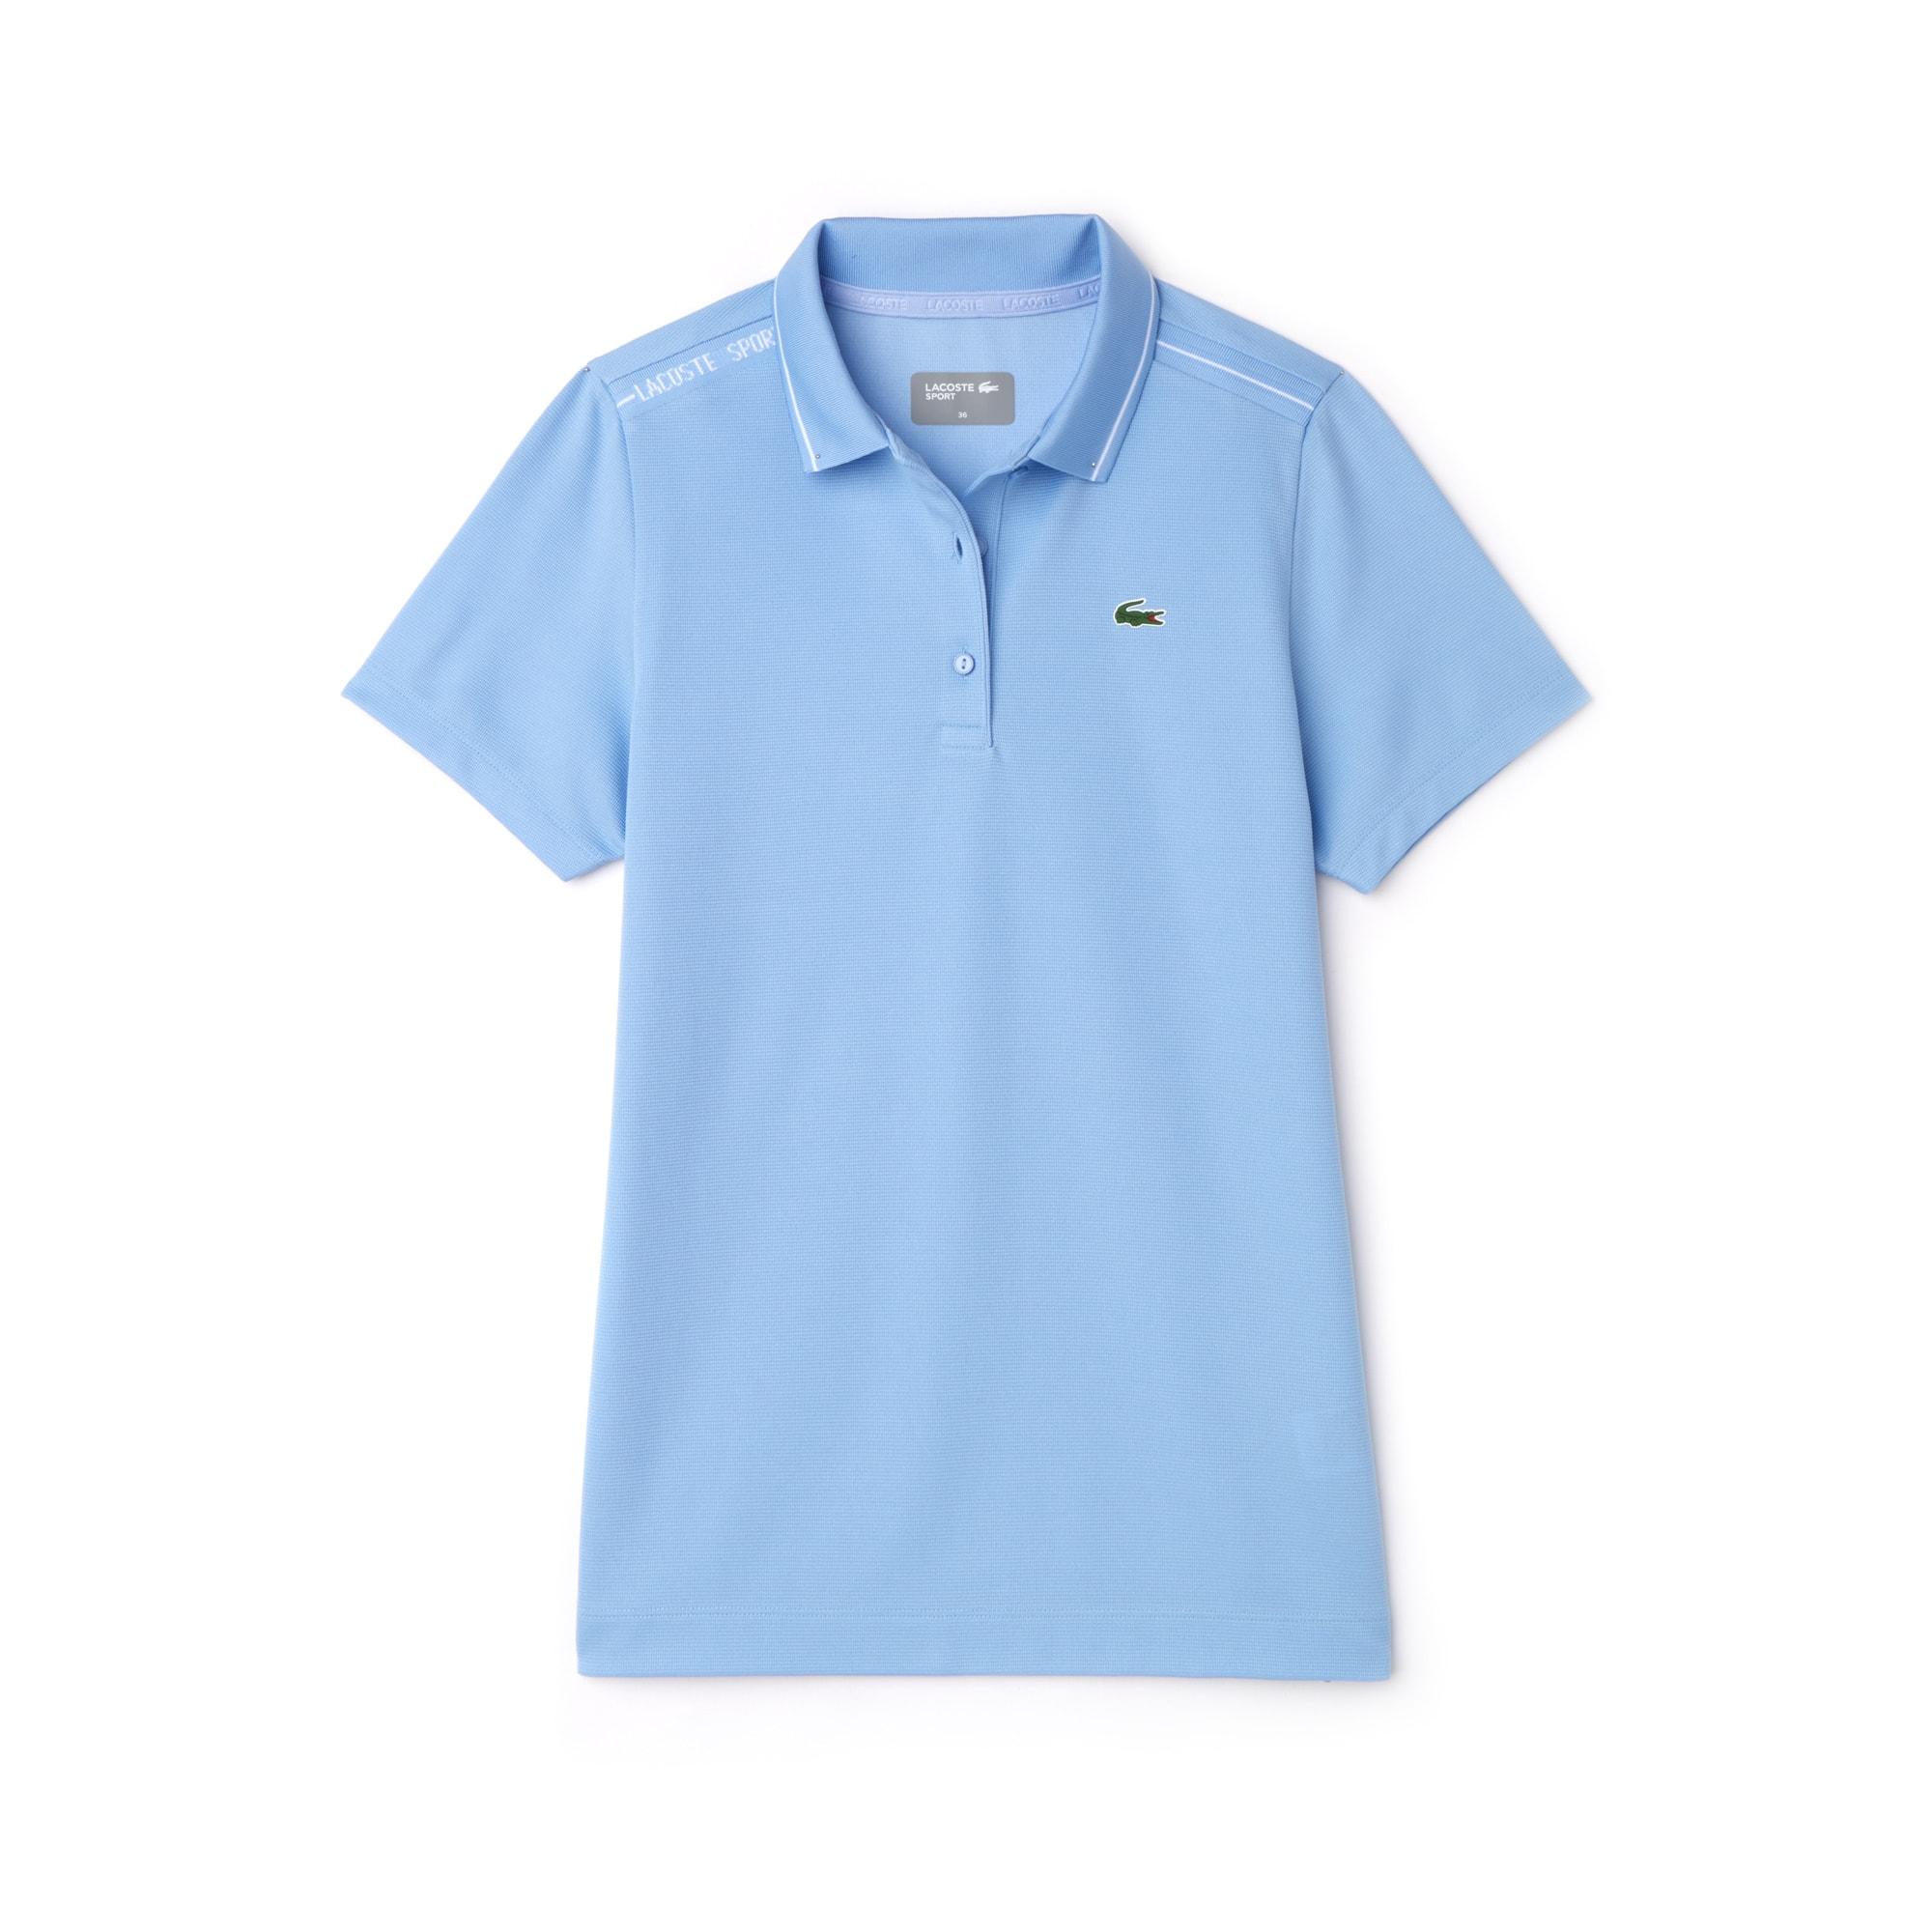 라코스테 Lacoste Womens SPORT Contrast Accents Square Knit Golf Polo,blue / white